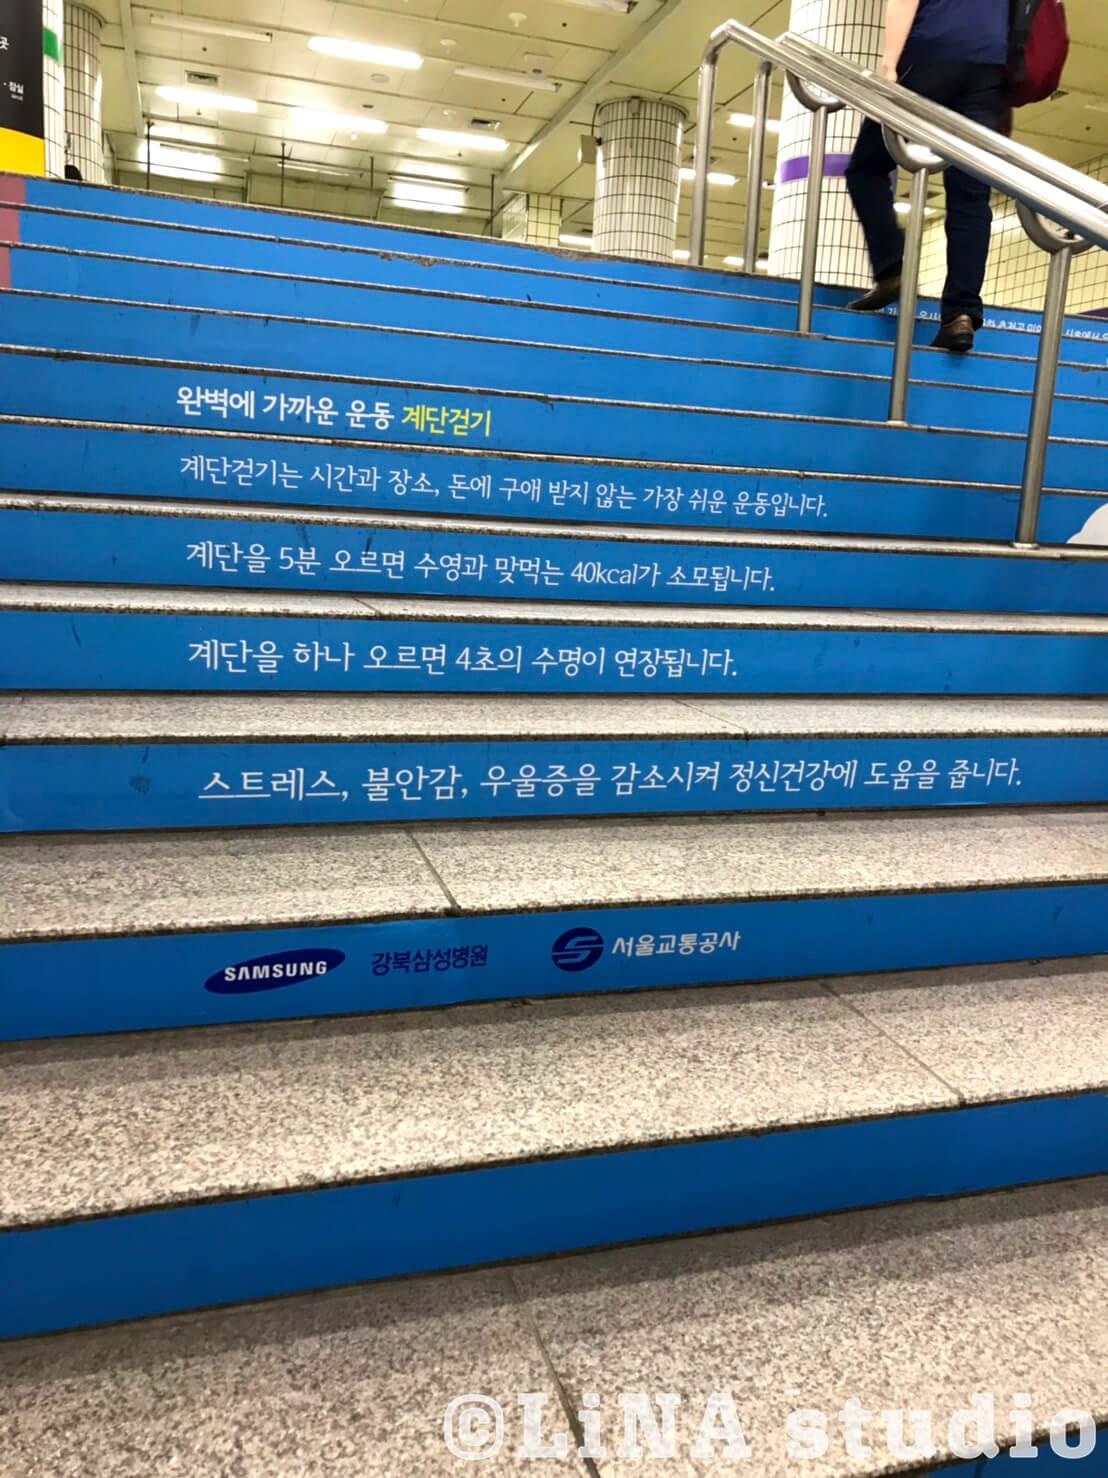 韓国地下鉄階段広告_01